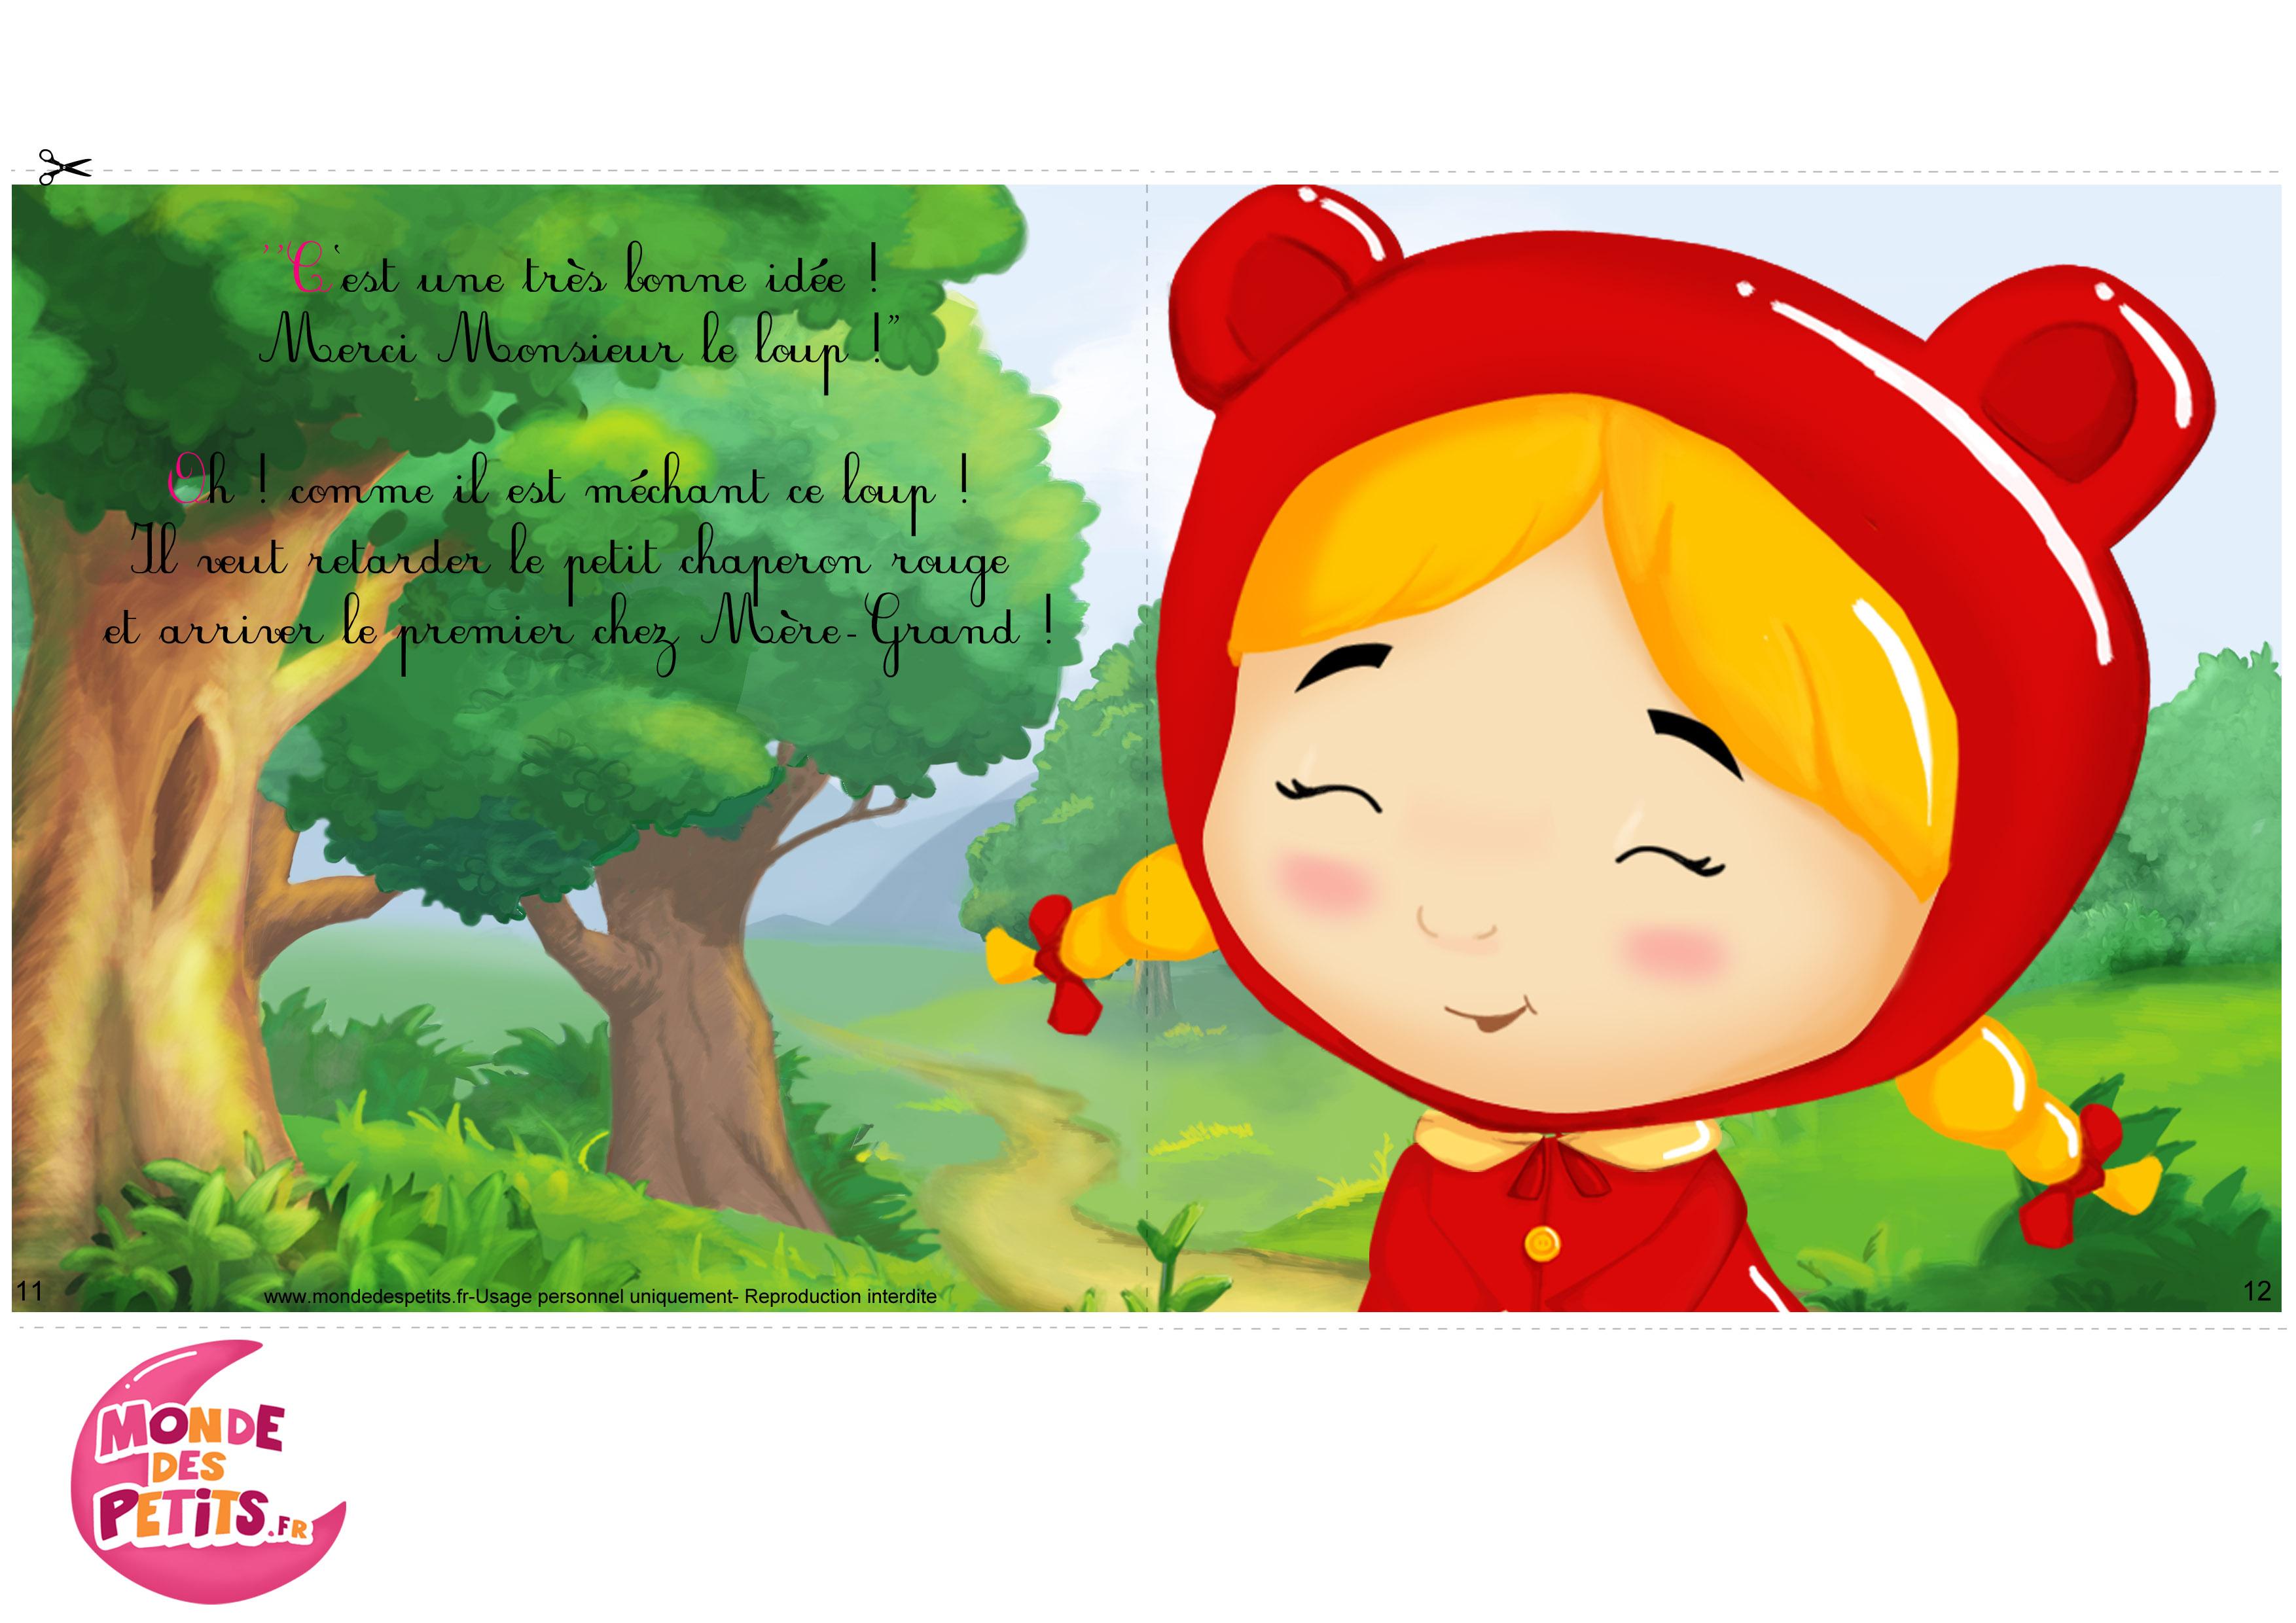 Monde Des Petits - Imprimer tout Monde Des Petits